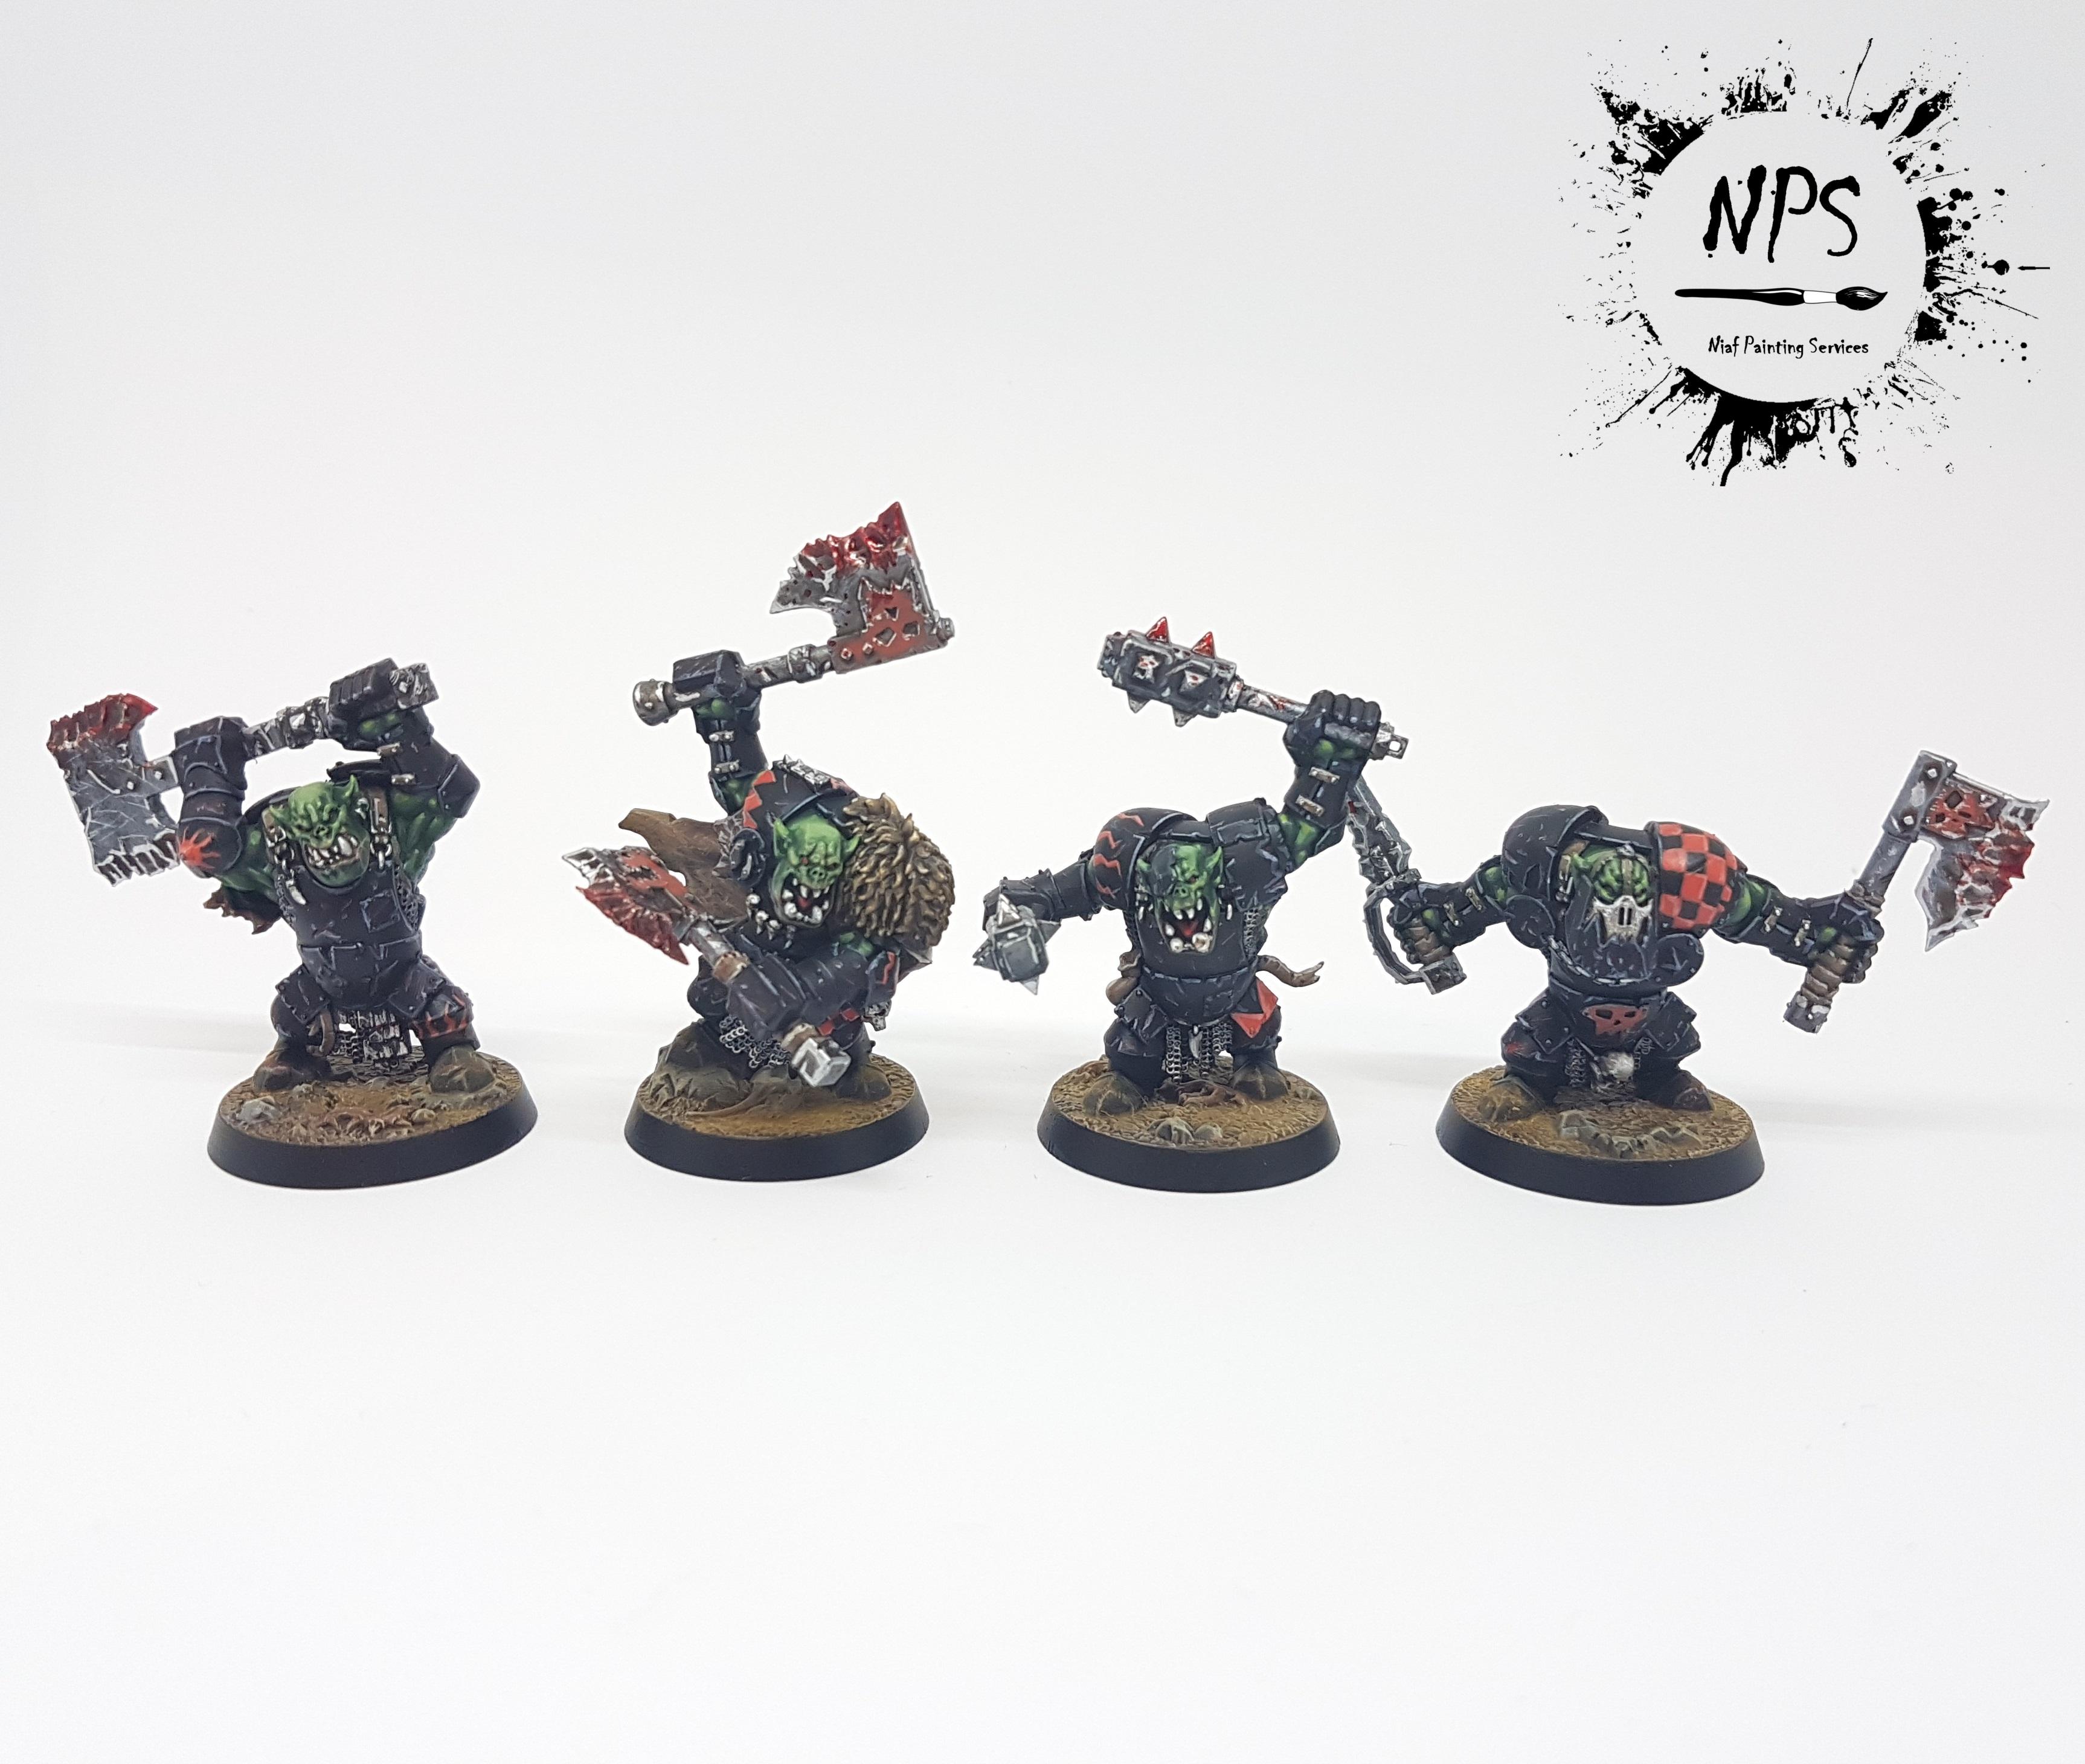 Sahdespire Orcs